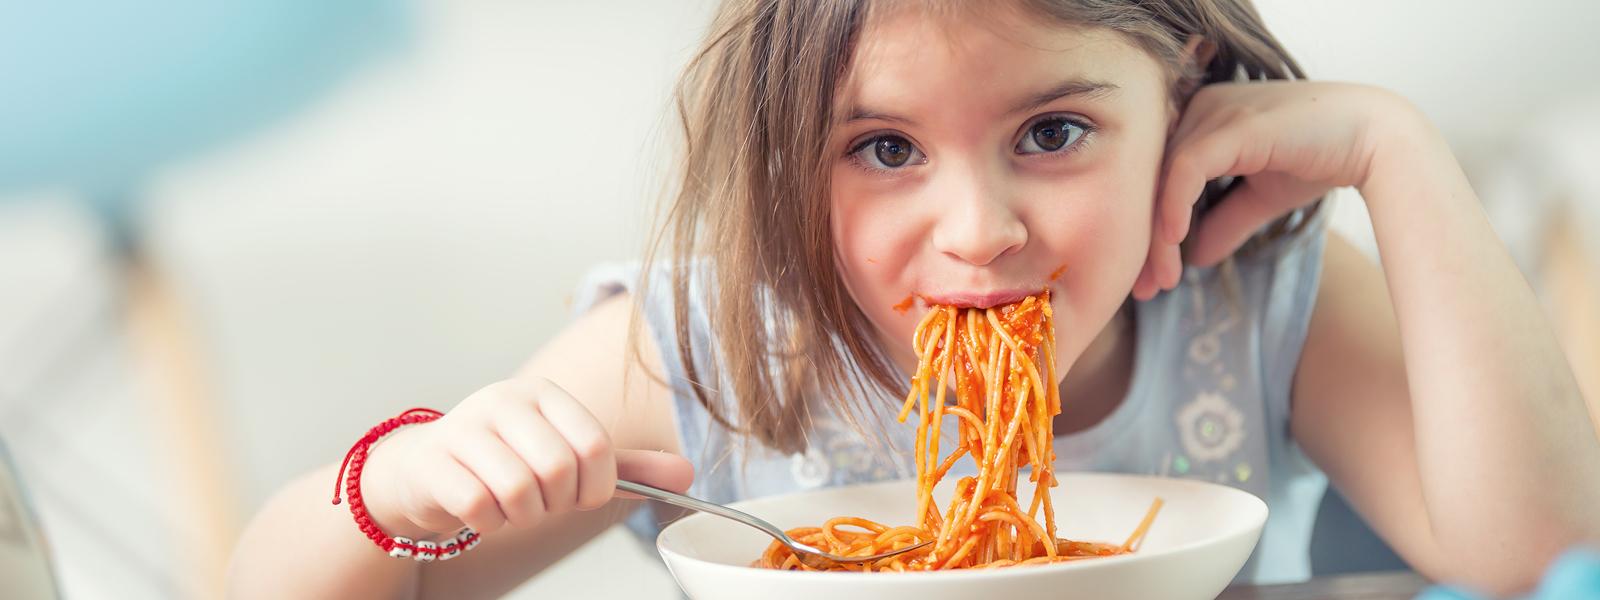 Pelastakaa Lapset jakanut ruoka-apua jo yli miljoonalla eurolla – Pitkittynyt koronakriisi ajanut lapsiperheitä ahdinkoon